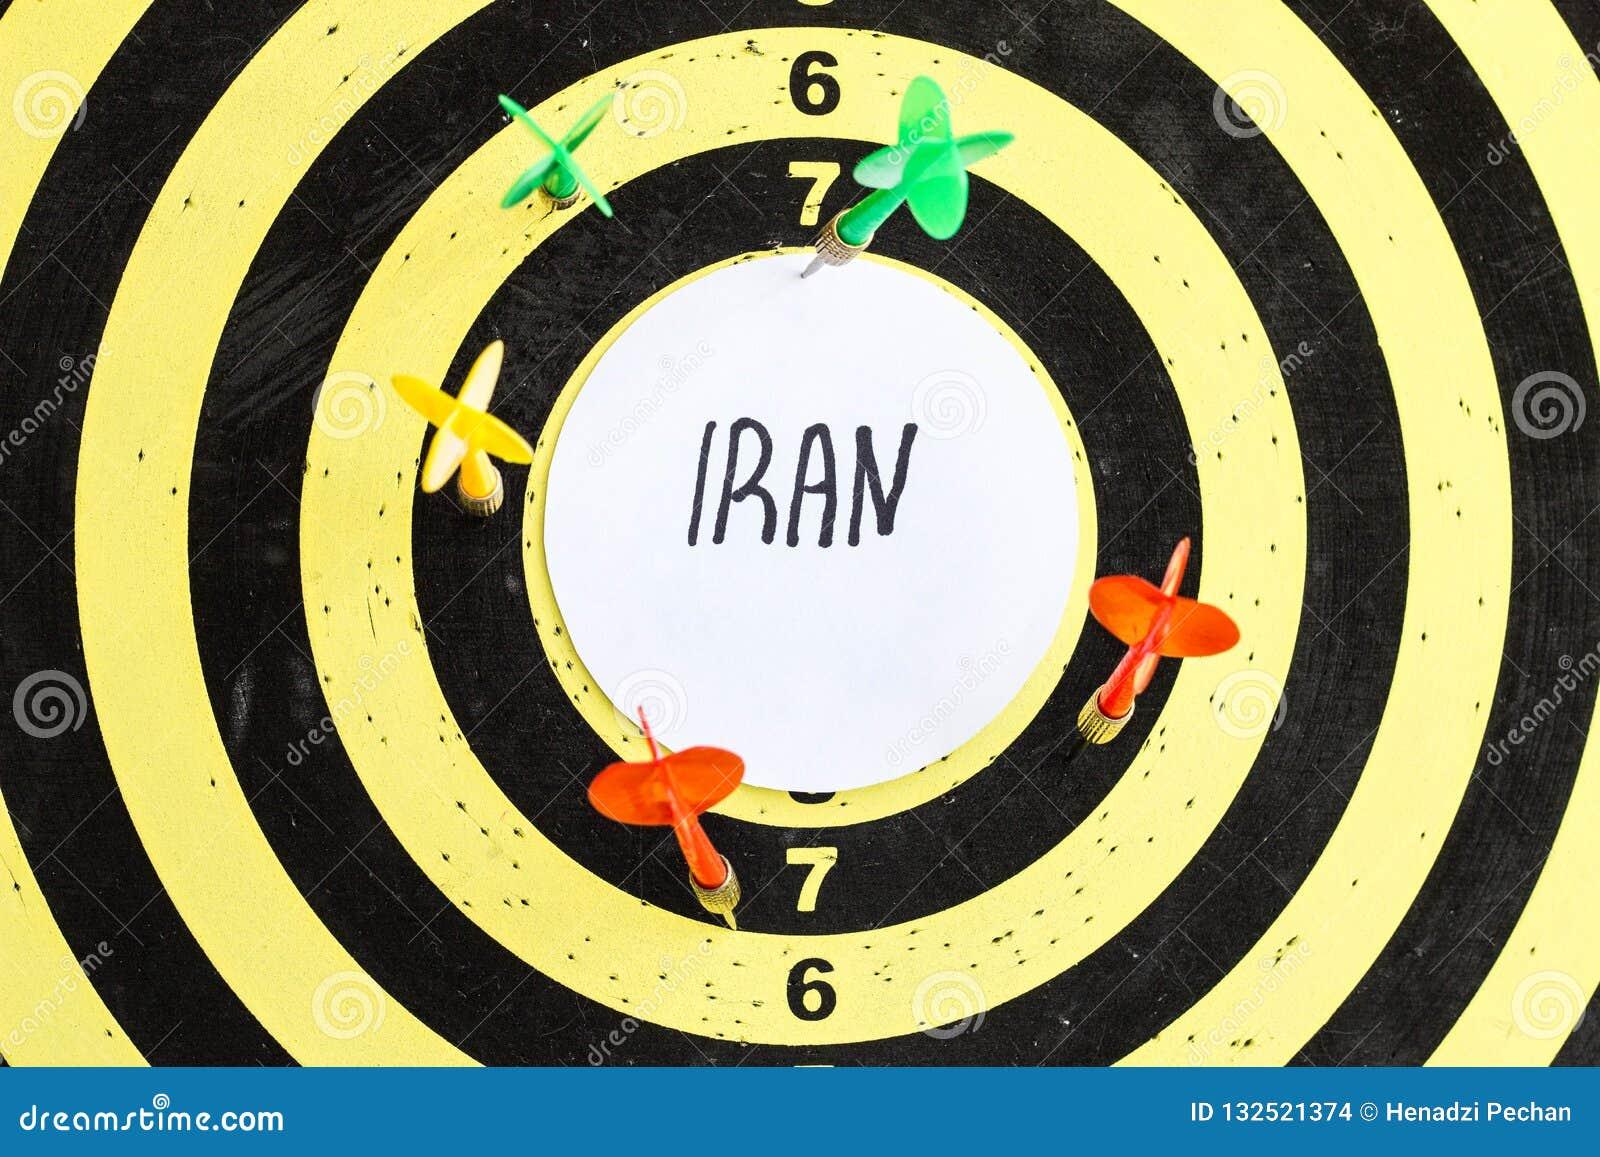 Cible avec des dards au centre dont l inscription Iran